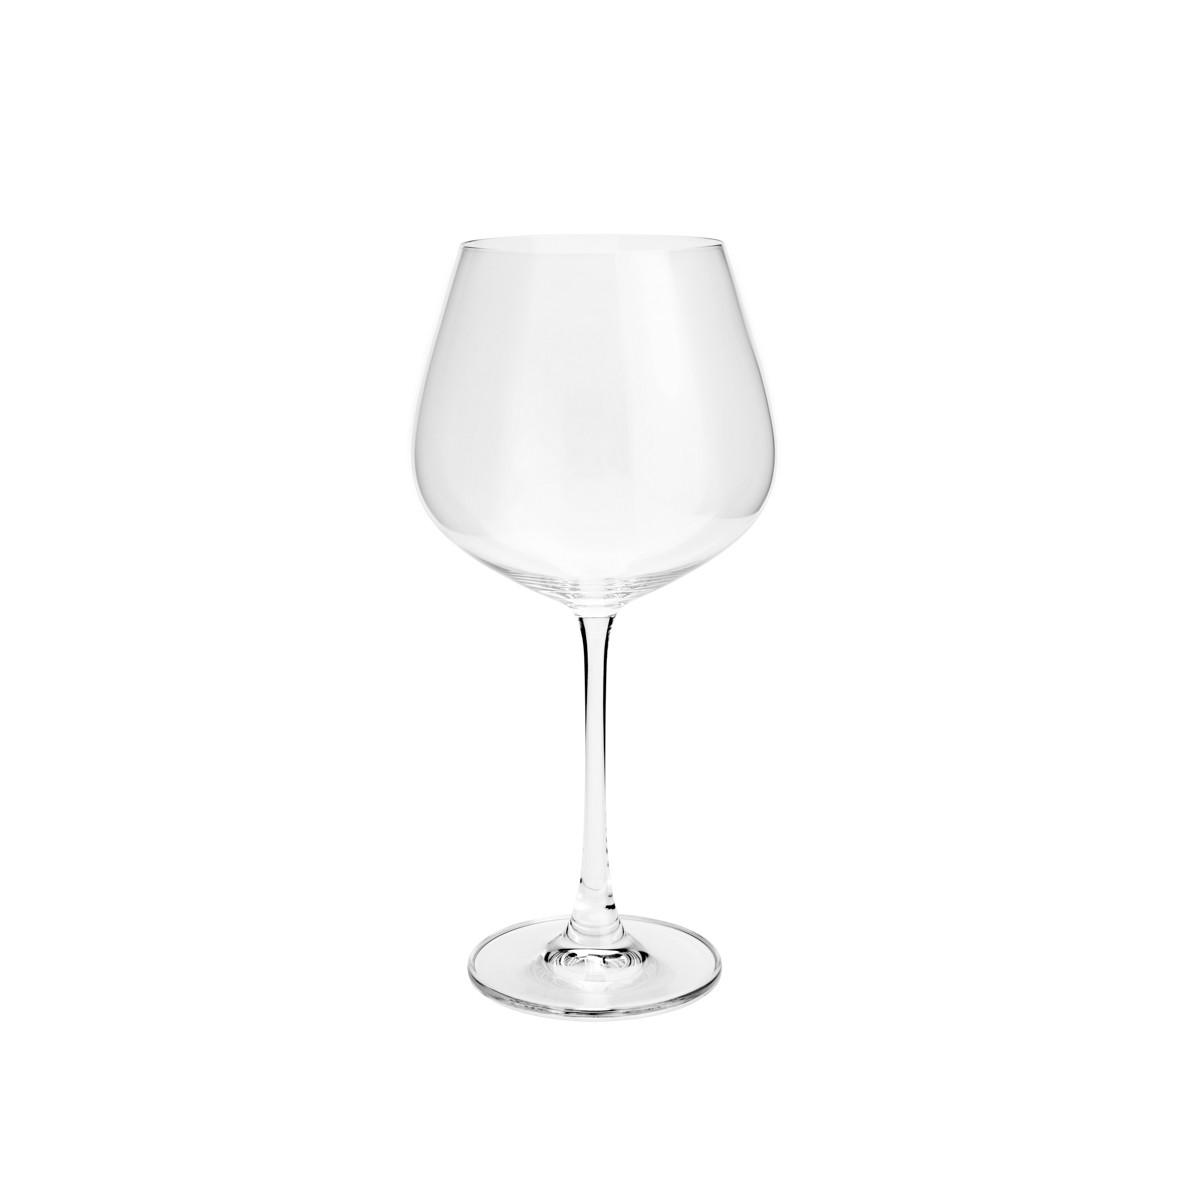 Jogo de 6 Taças para Vinho Tinto em Cristal Bohemia Columba 640ml